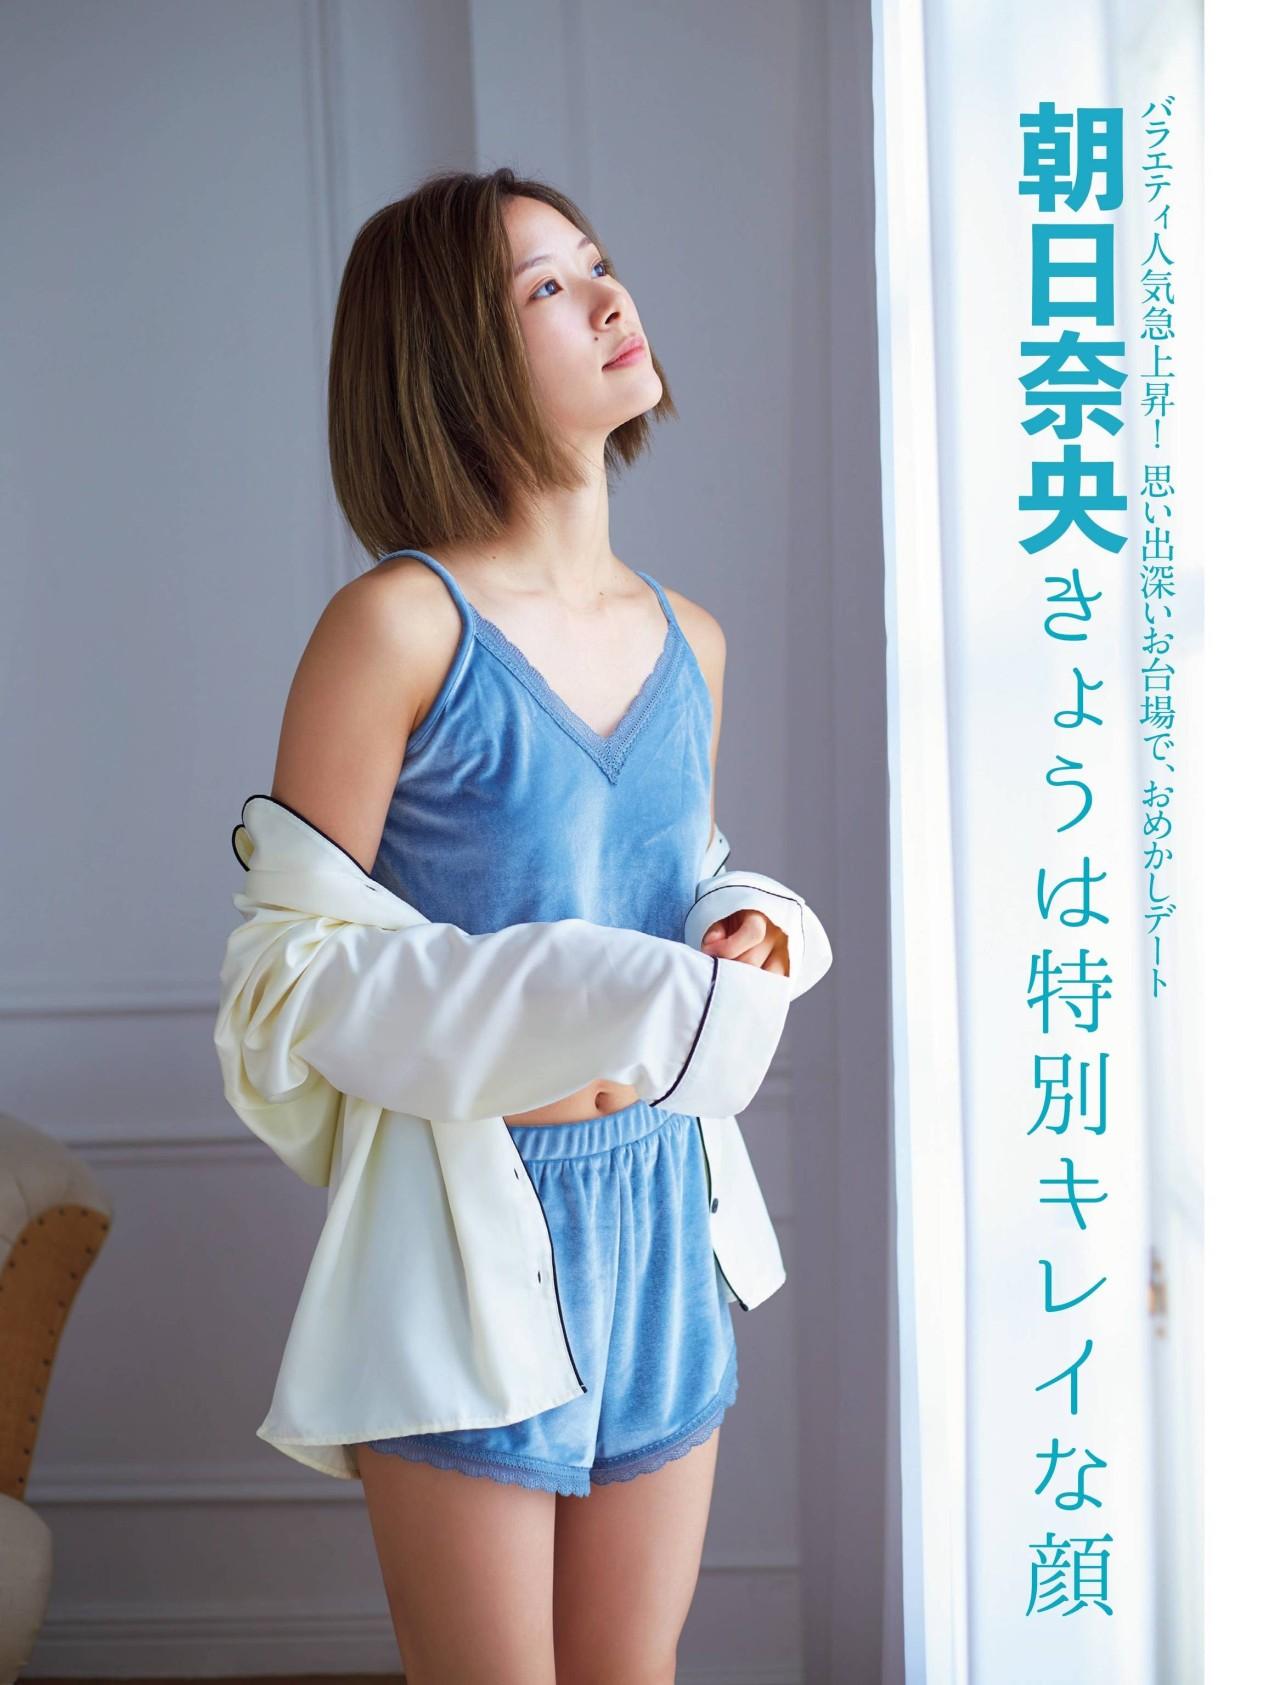 朝日奈央好きなんってワイだけなん? : トンカツです。-ズミ乳 ...